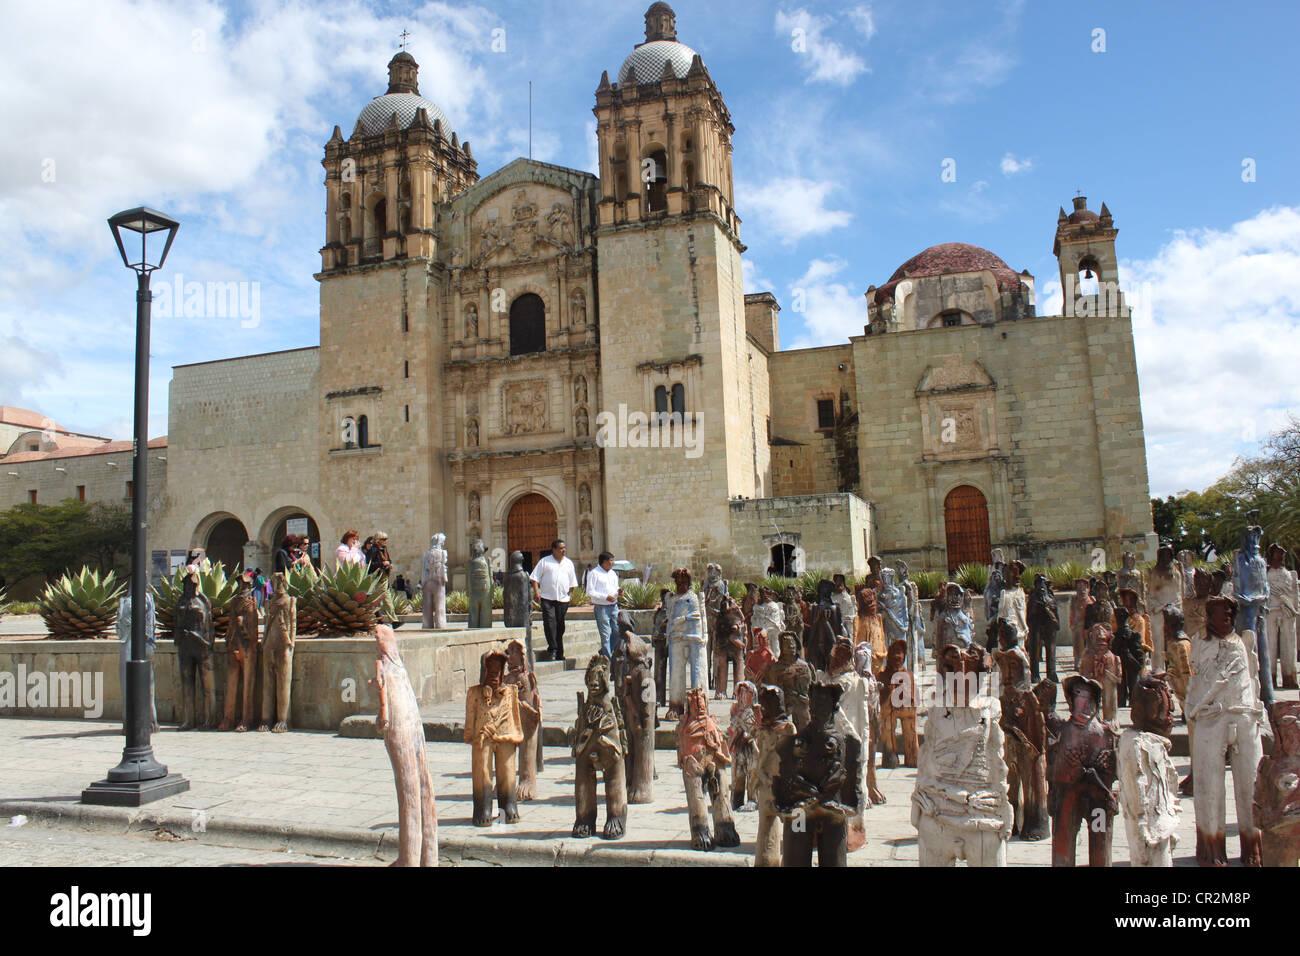 Oaxaca Stadt Santo Domingo Kirche mit Kunstausstellung Modell davor zeigt mexikanischer Einwanderer in Lehm gemacht Stockbild